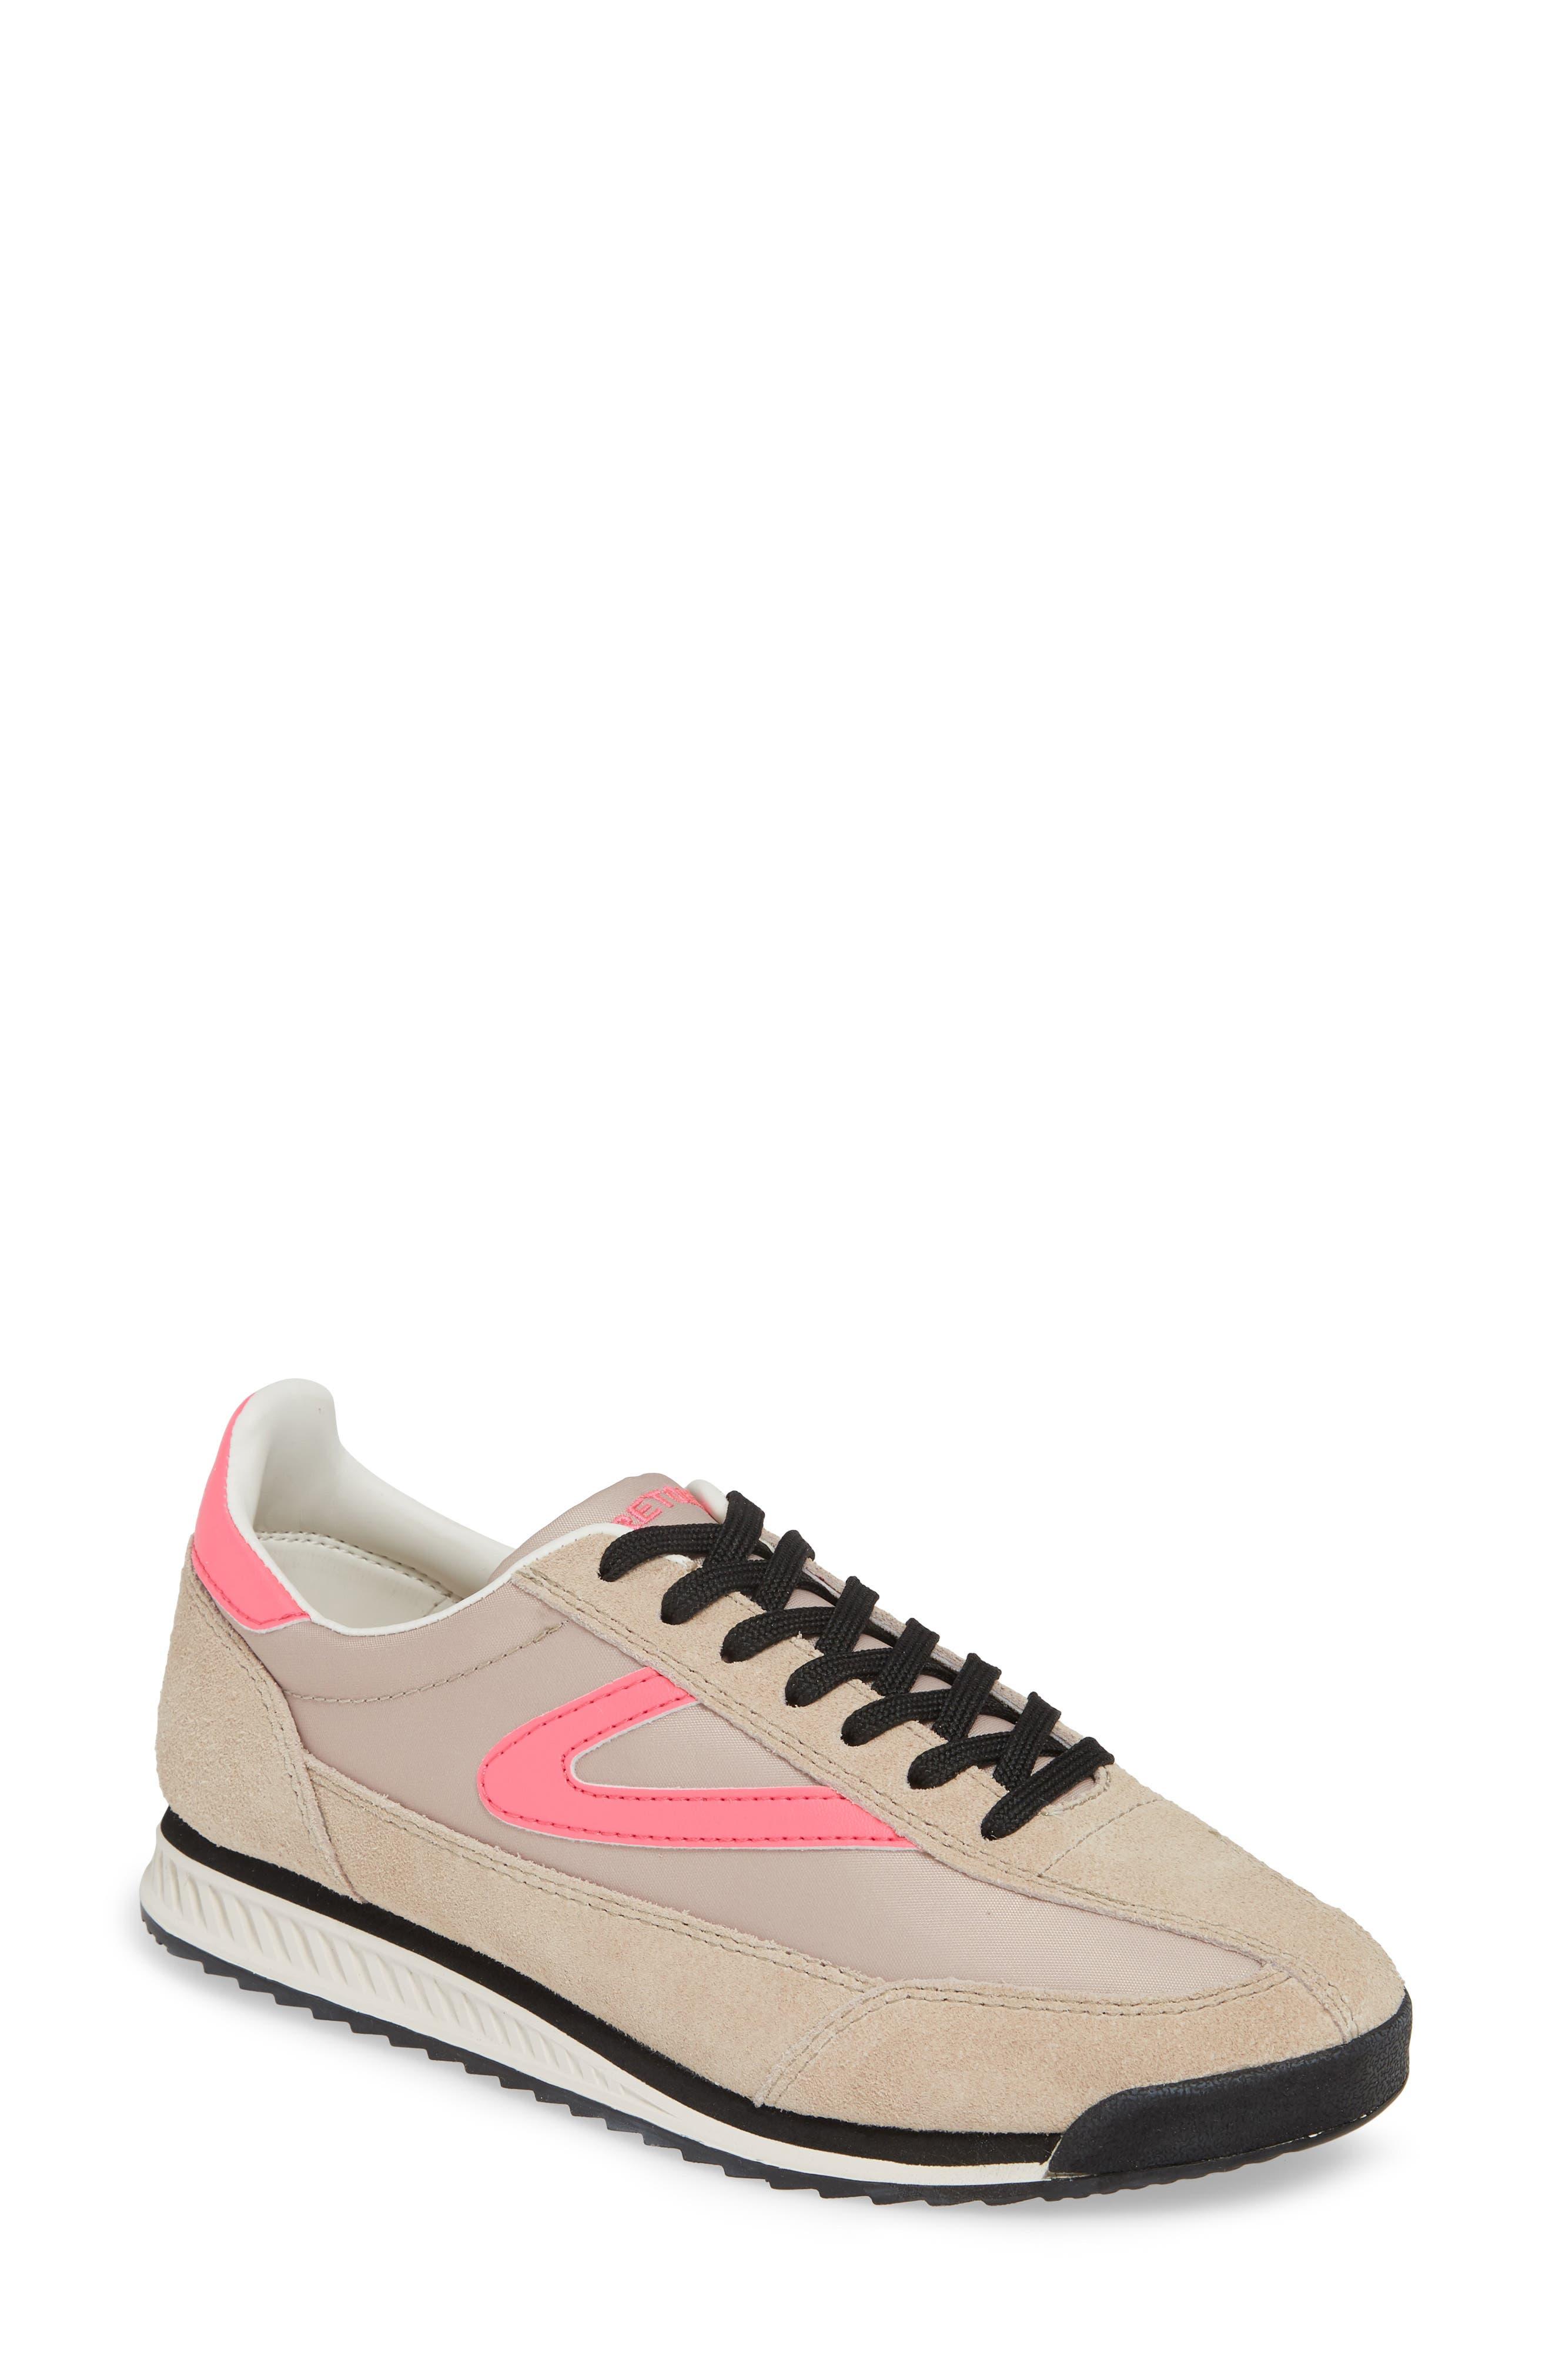 Pin von Scott Oyster auf Shoes designs | Schuhe, Adidas und